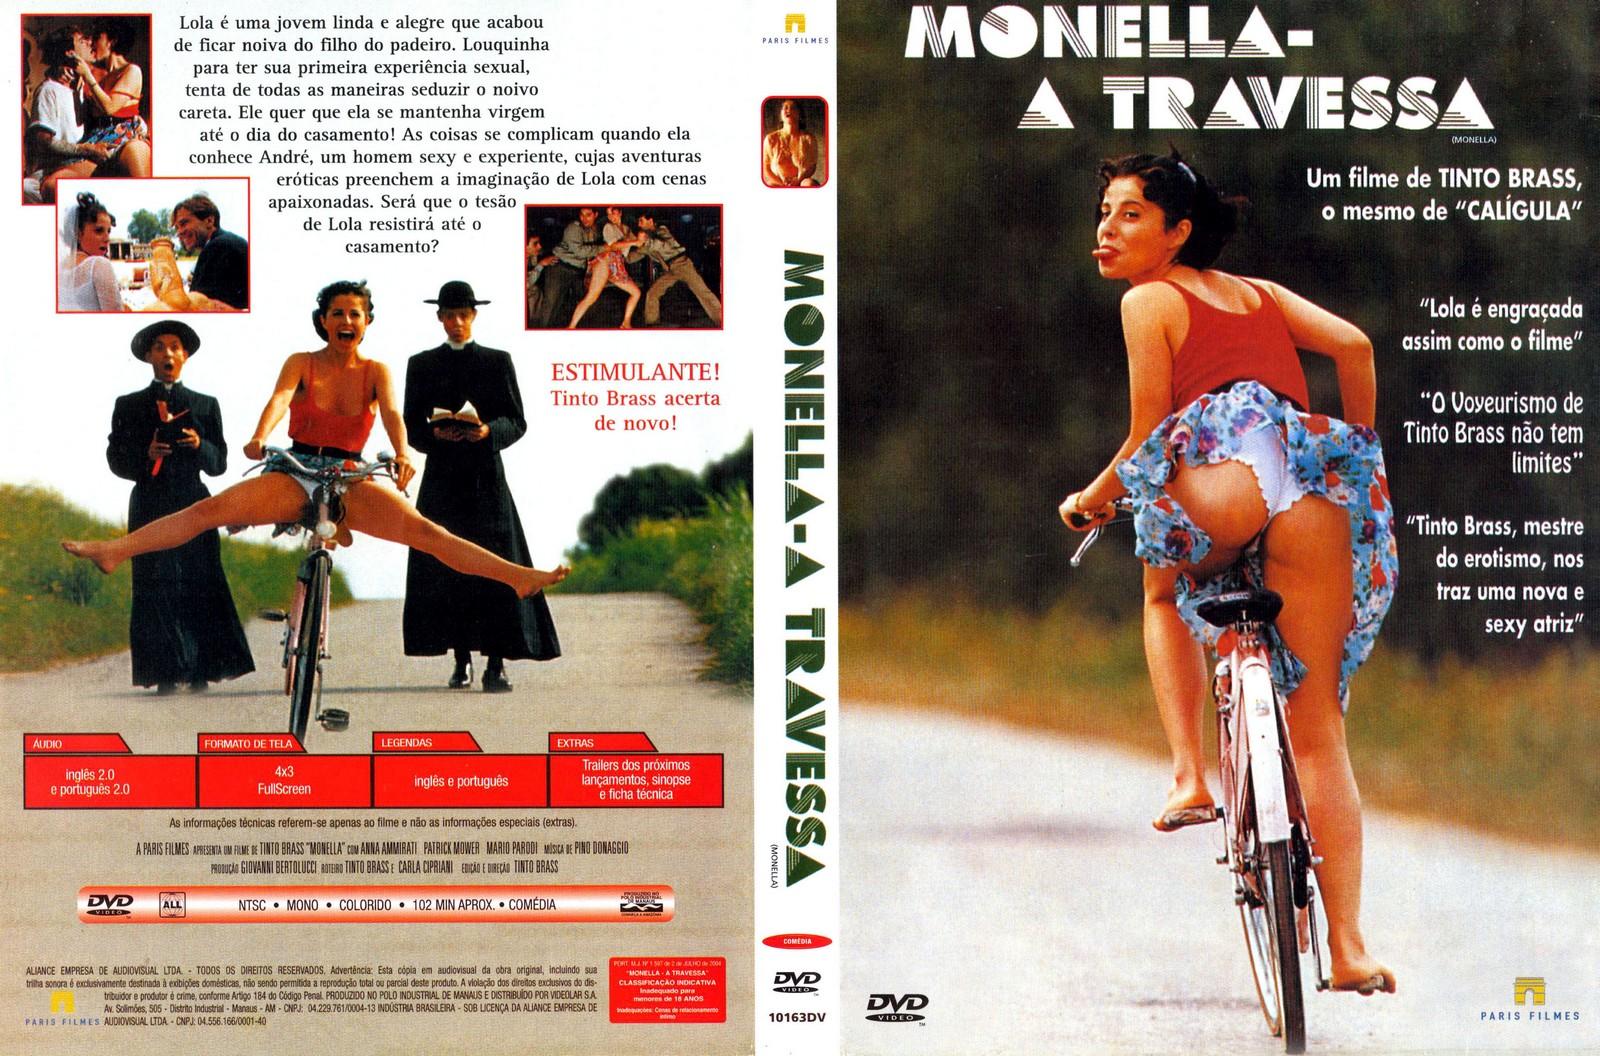 http://1.bp.blogspot.com/_ET4mSvvgIvQ/S83ZjtsDtrI/AAAAAAAAAEk/R4kihze0PWI/s1600/Monella-A-Travessa.jpg